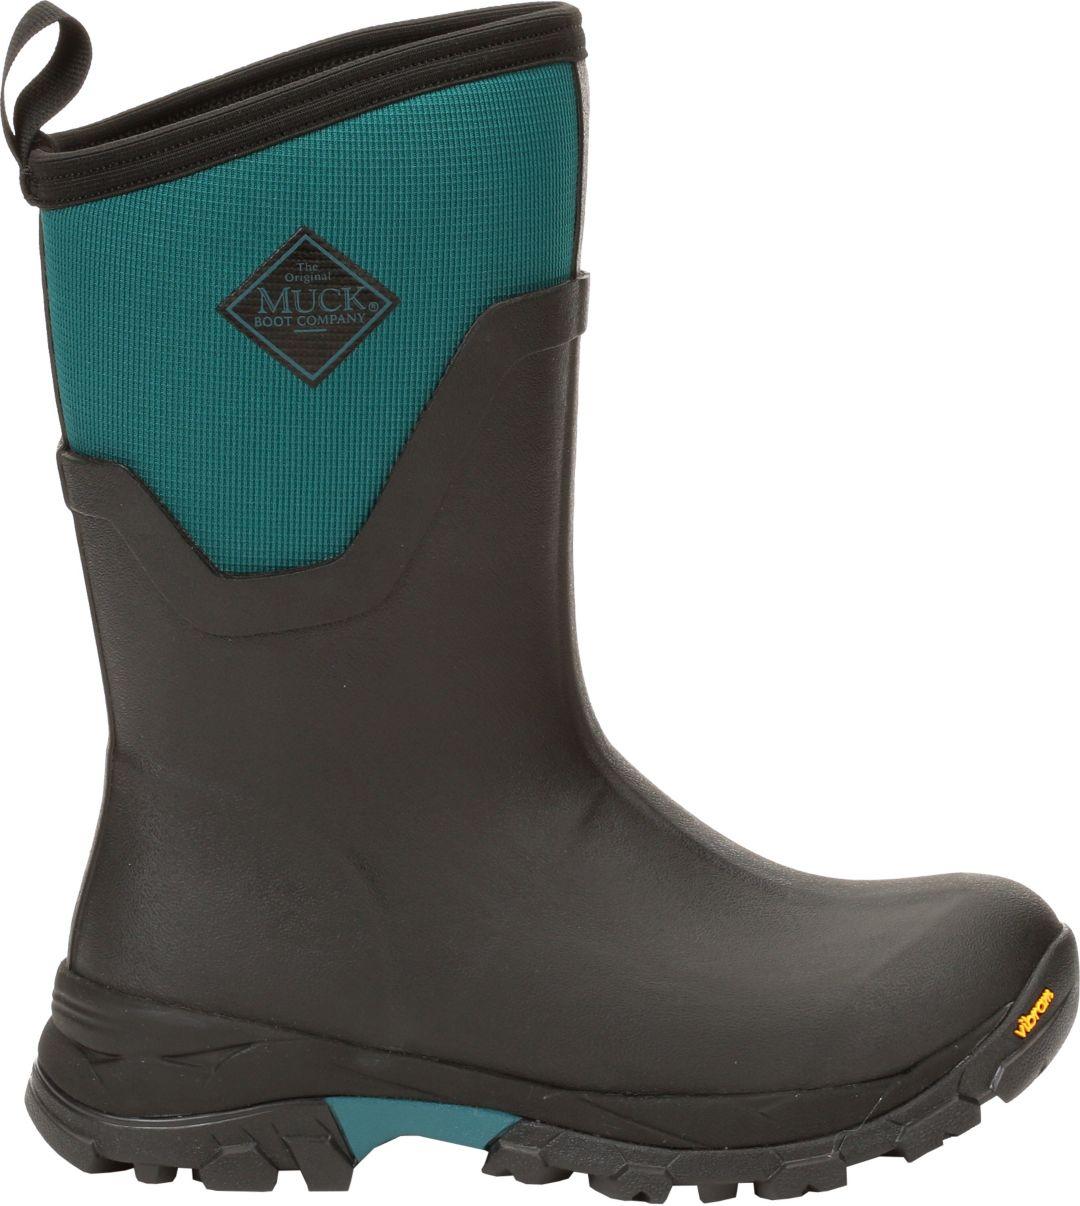 Muck Boots Cheap